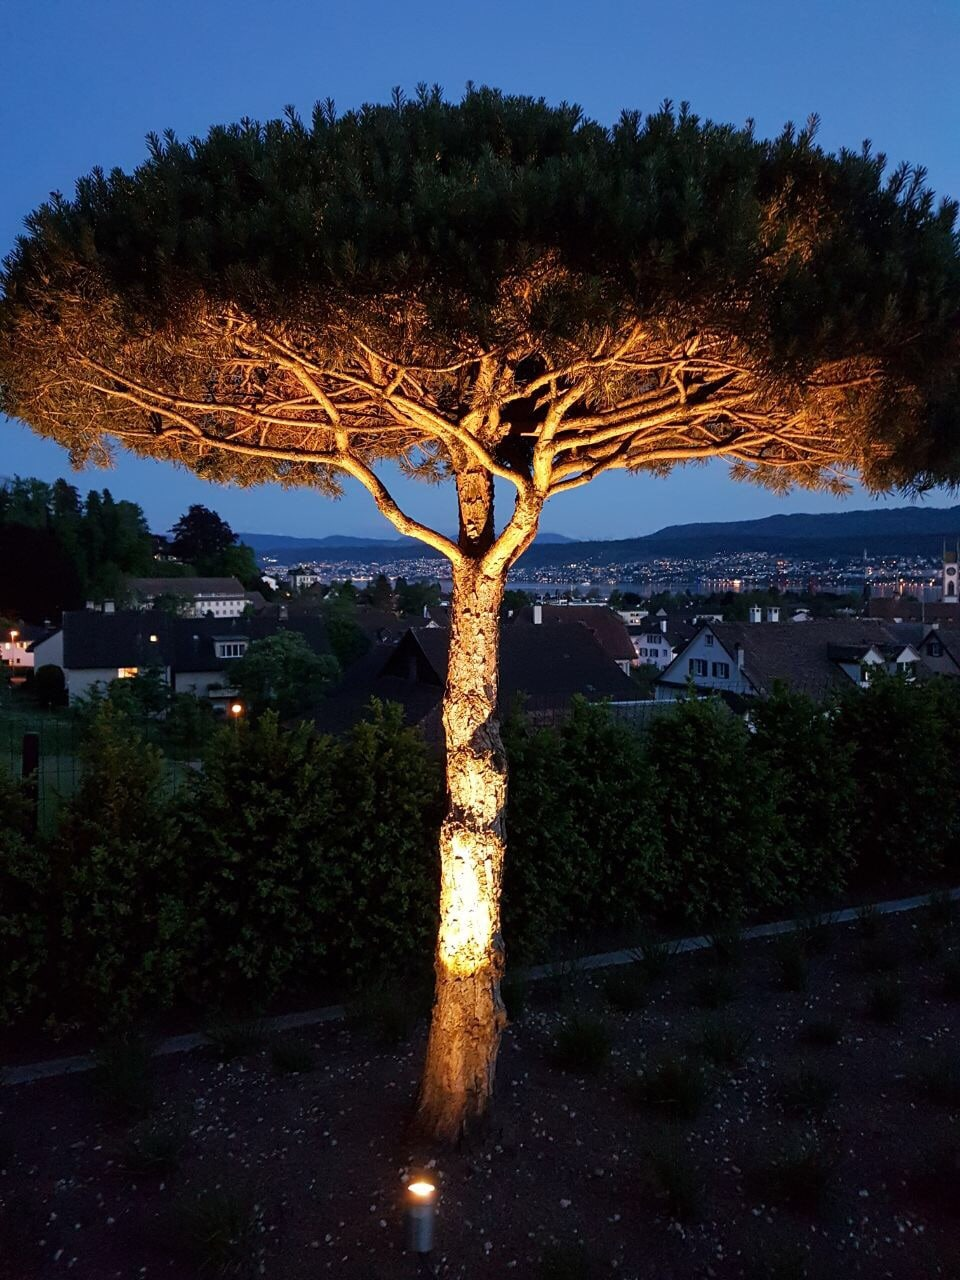 Lichtraum Freiburg: Baum stimmungsvoll in Szene gesetzt